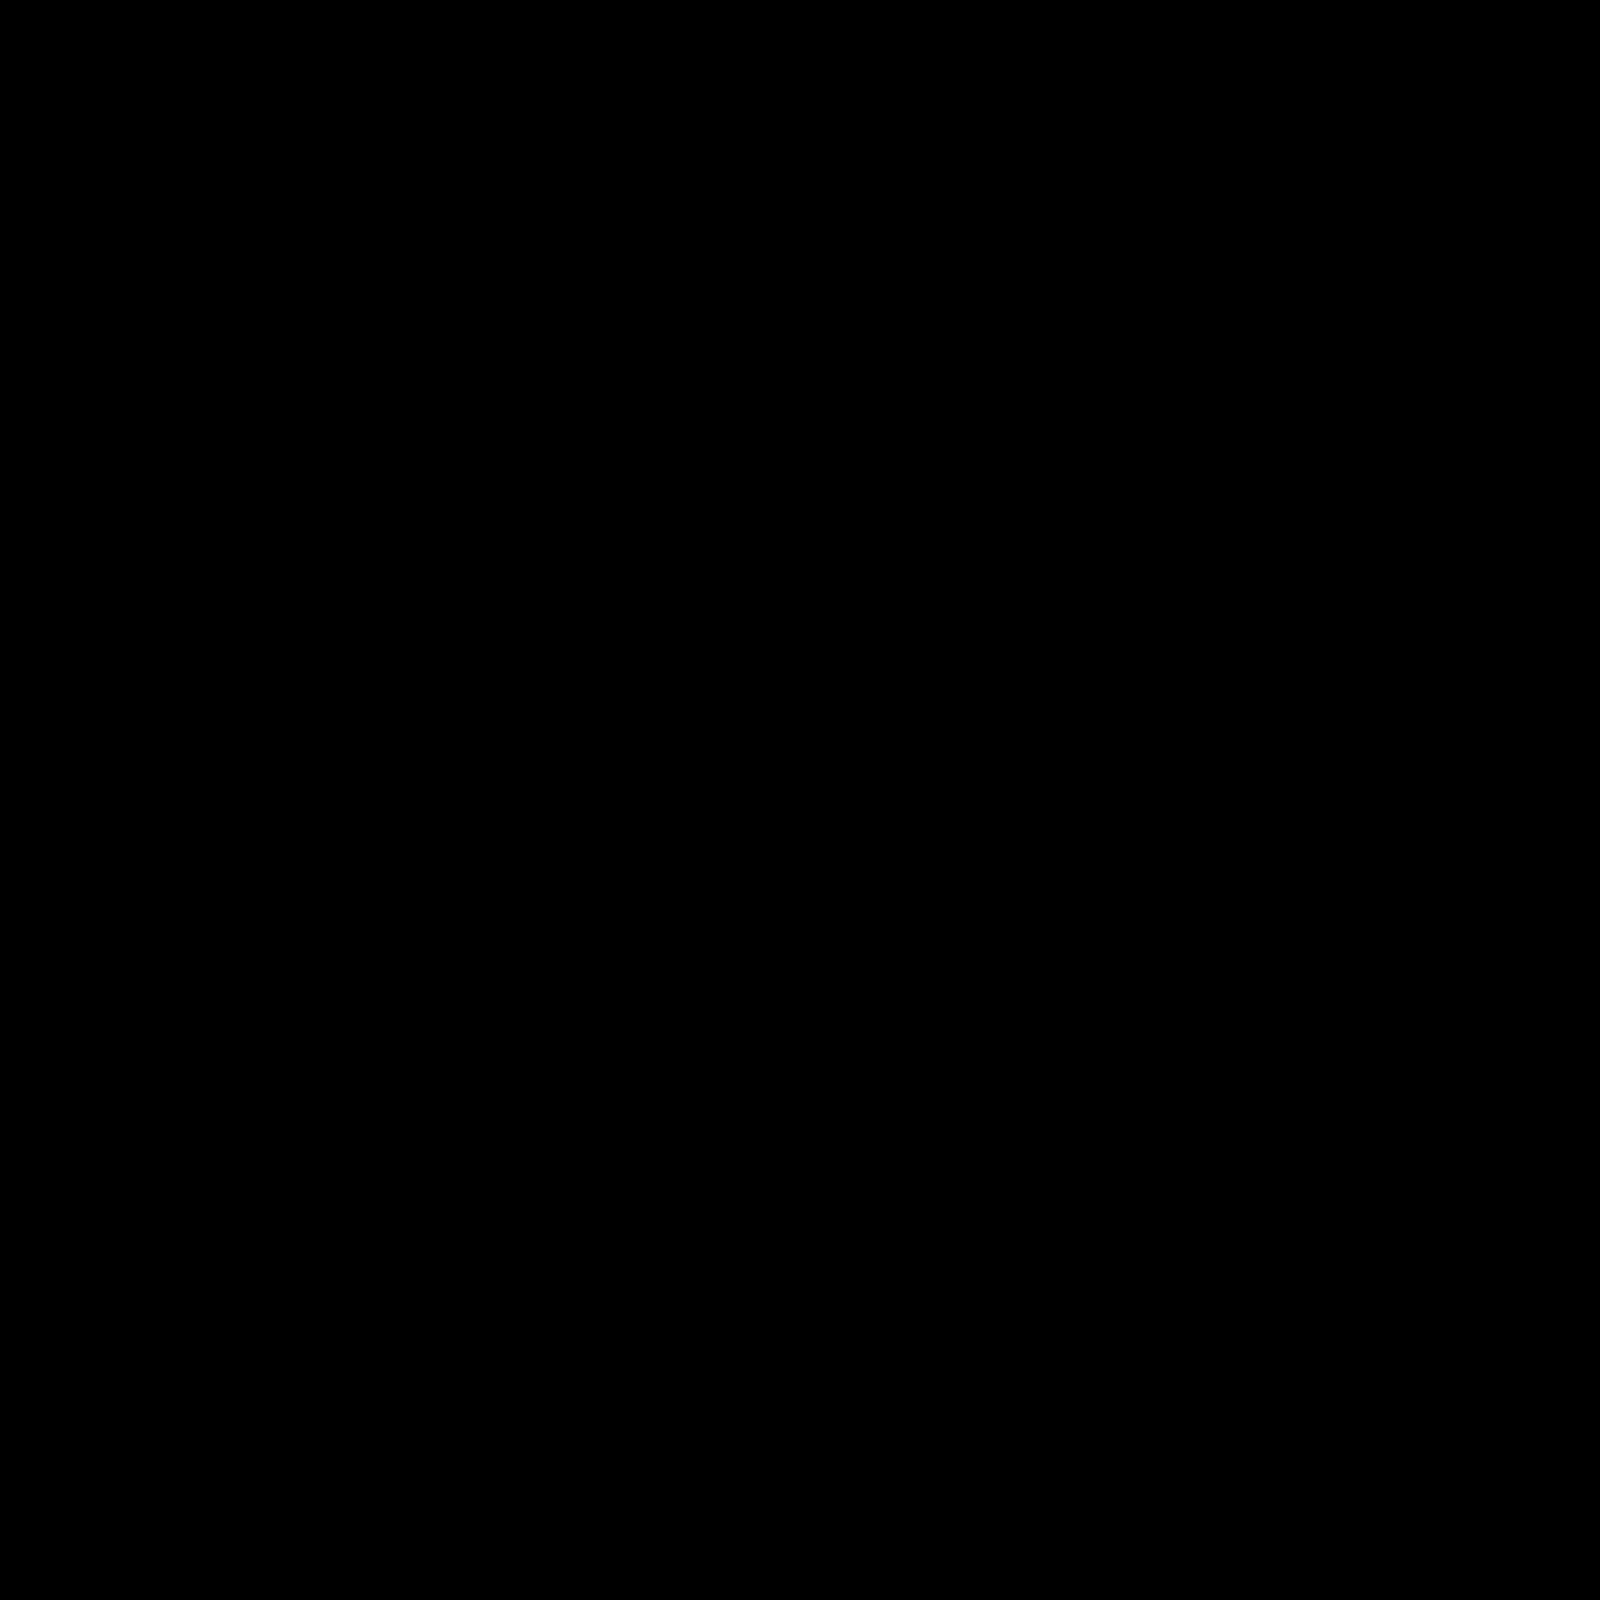 Australia Map Filled icon